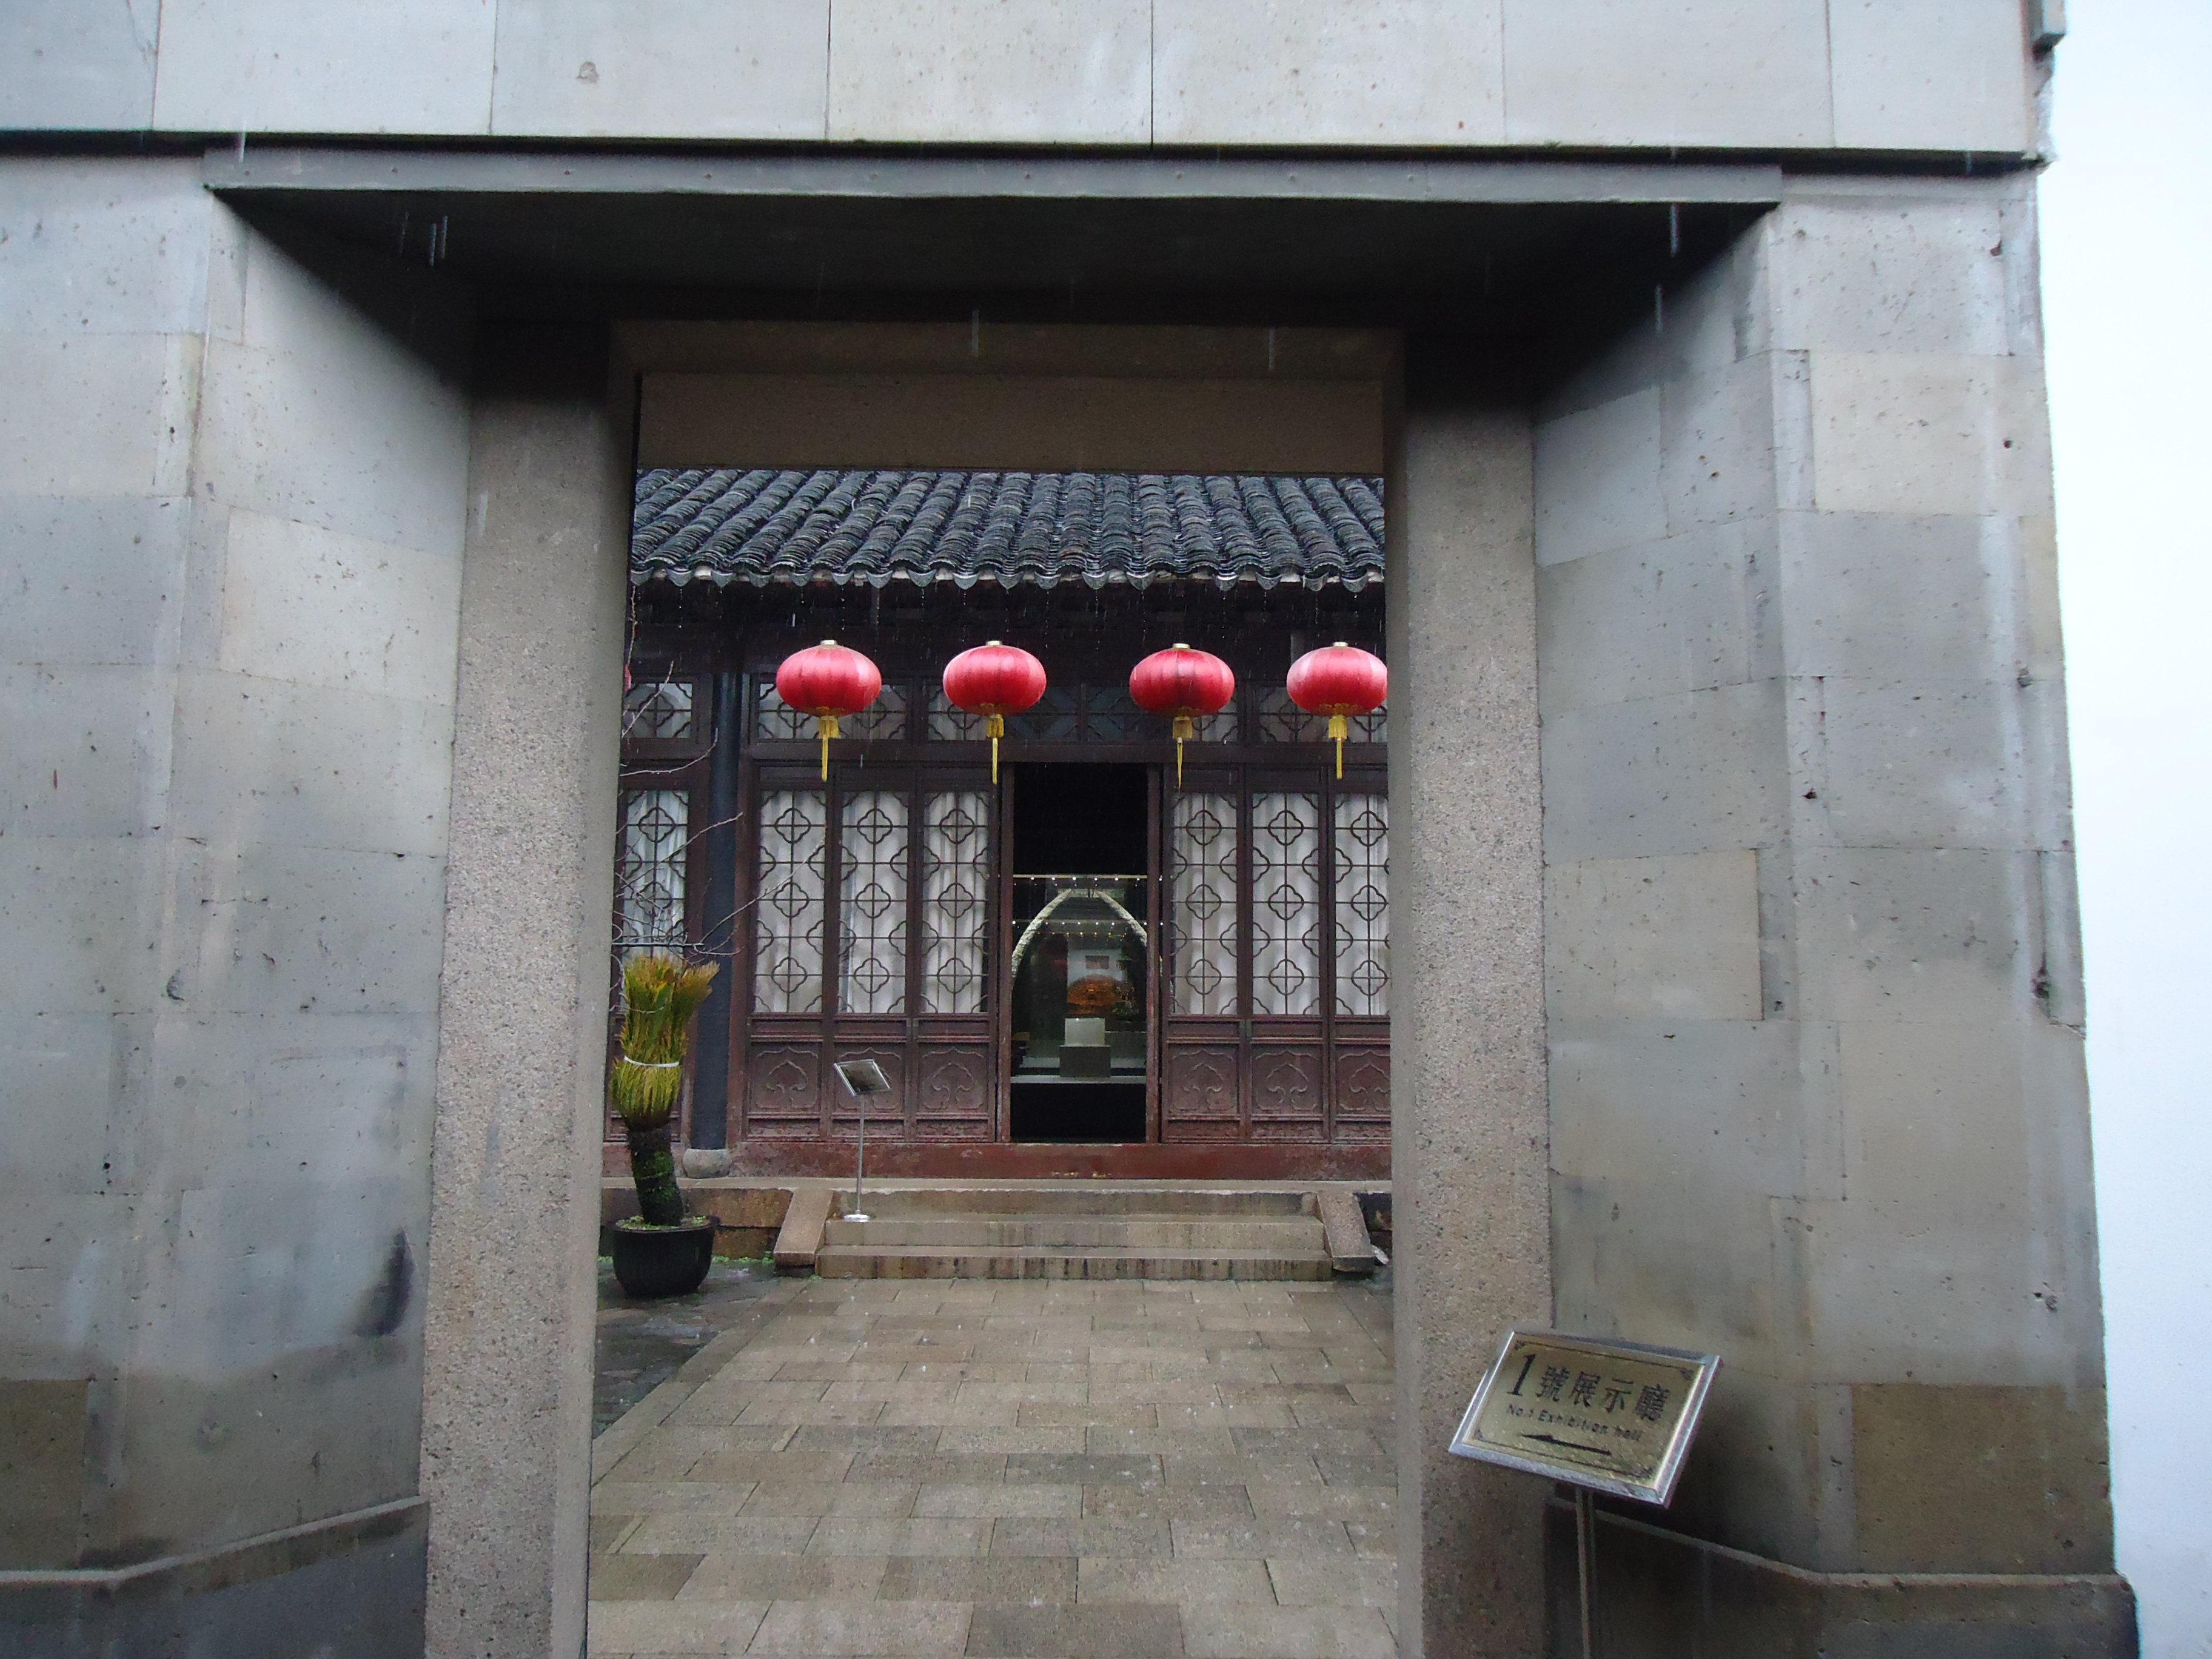 【携程攻略】江苏苏州苏州工艺美术博物馆好玩吗图片